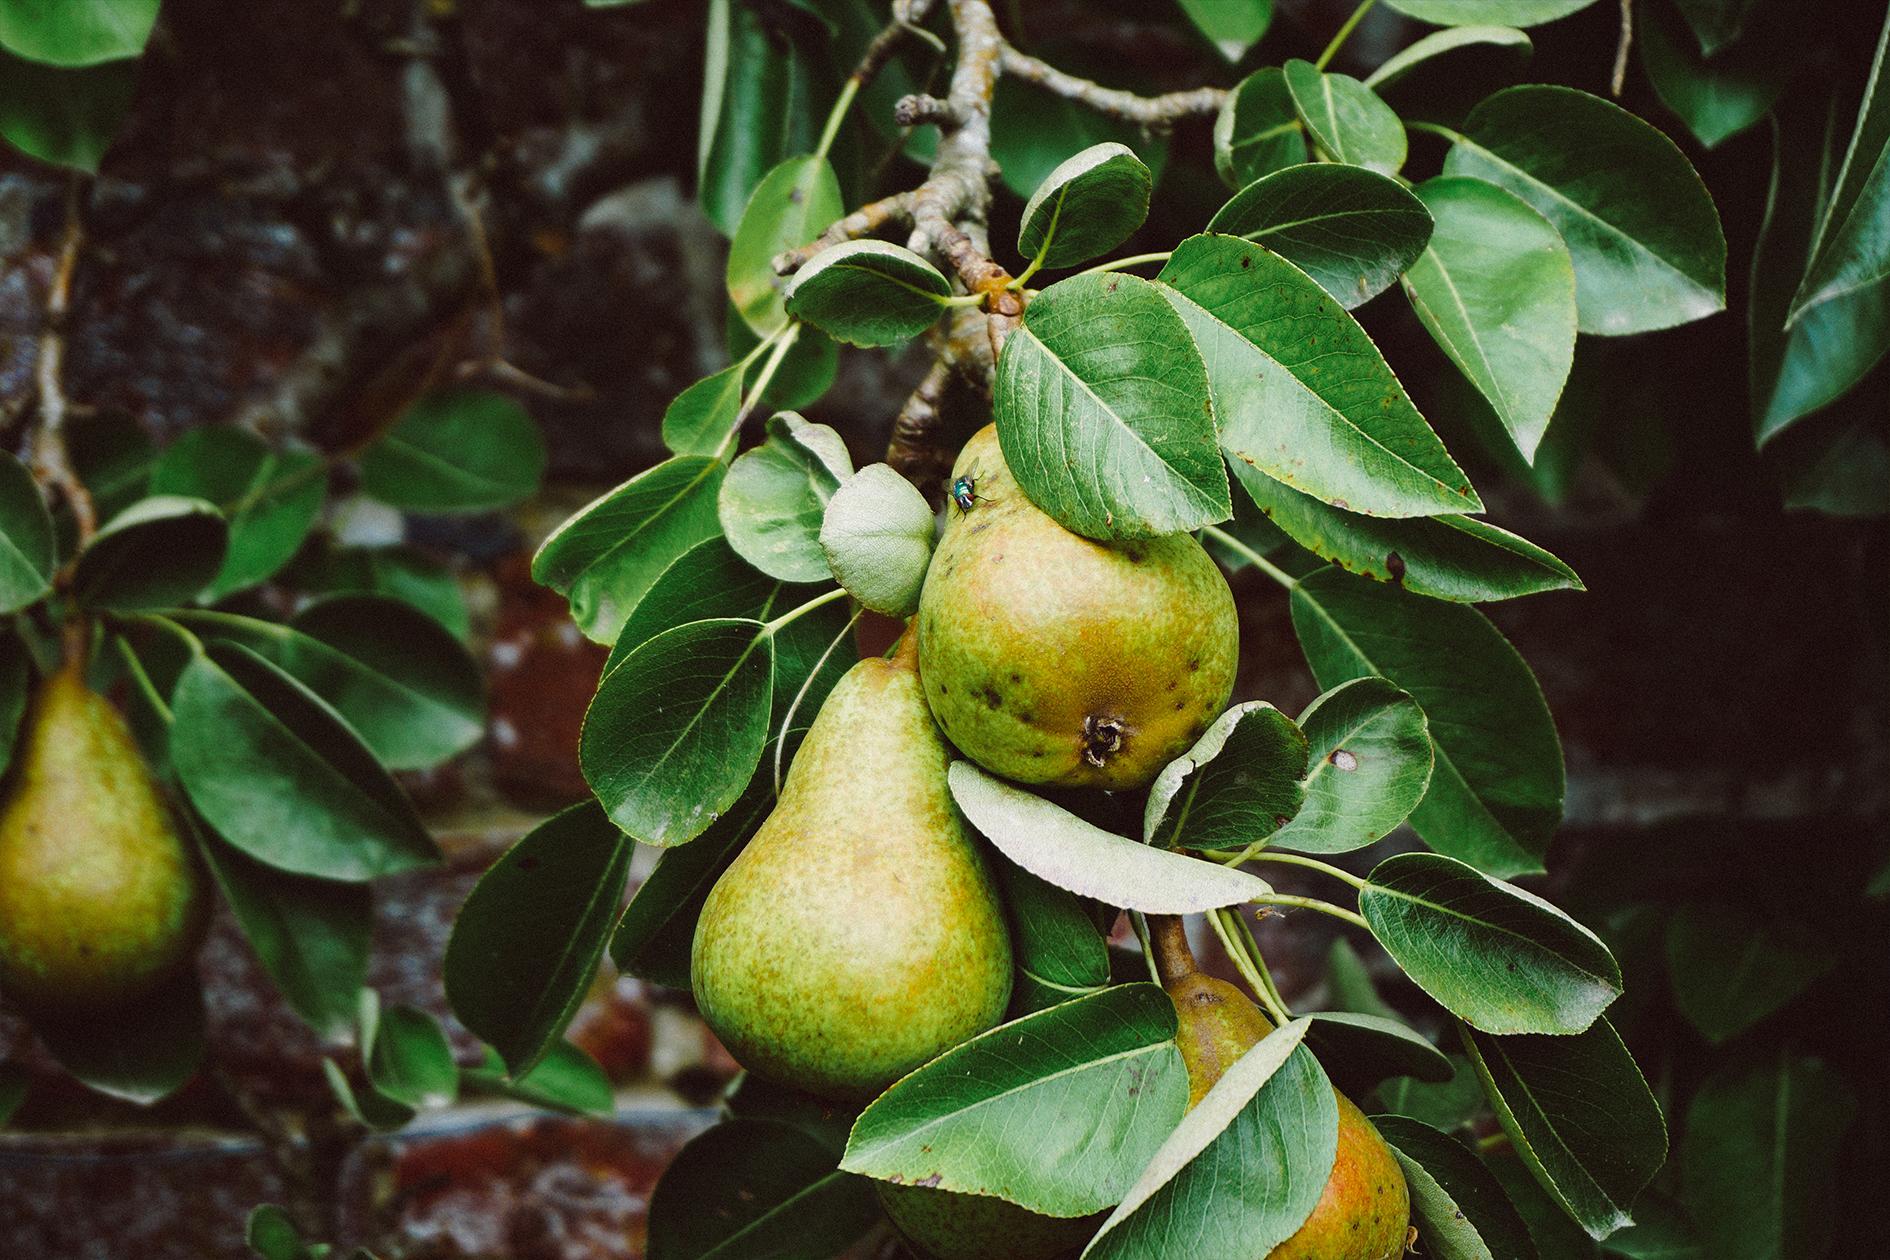 jason-b-graham-pear-armut-0003